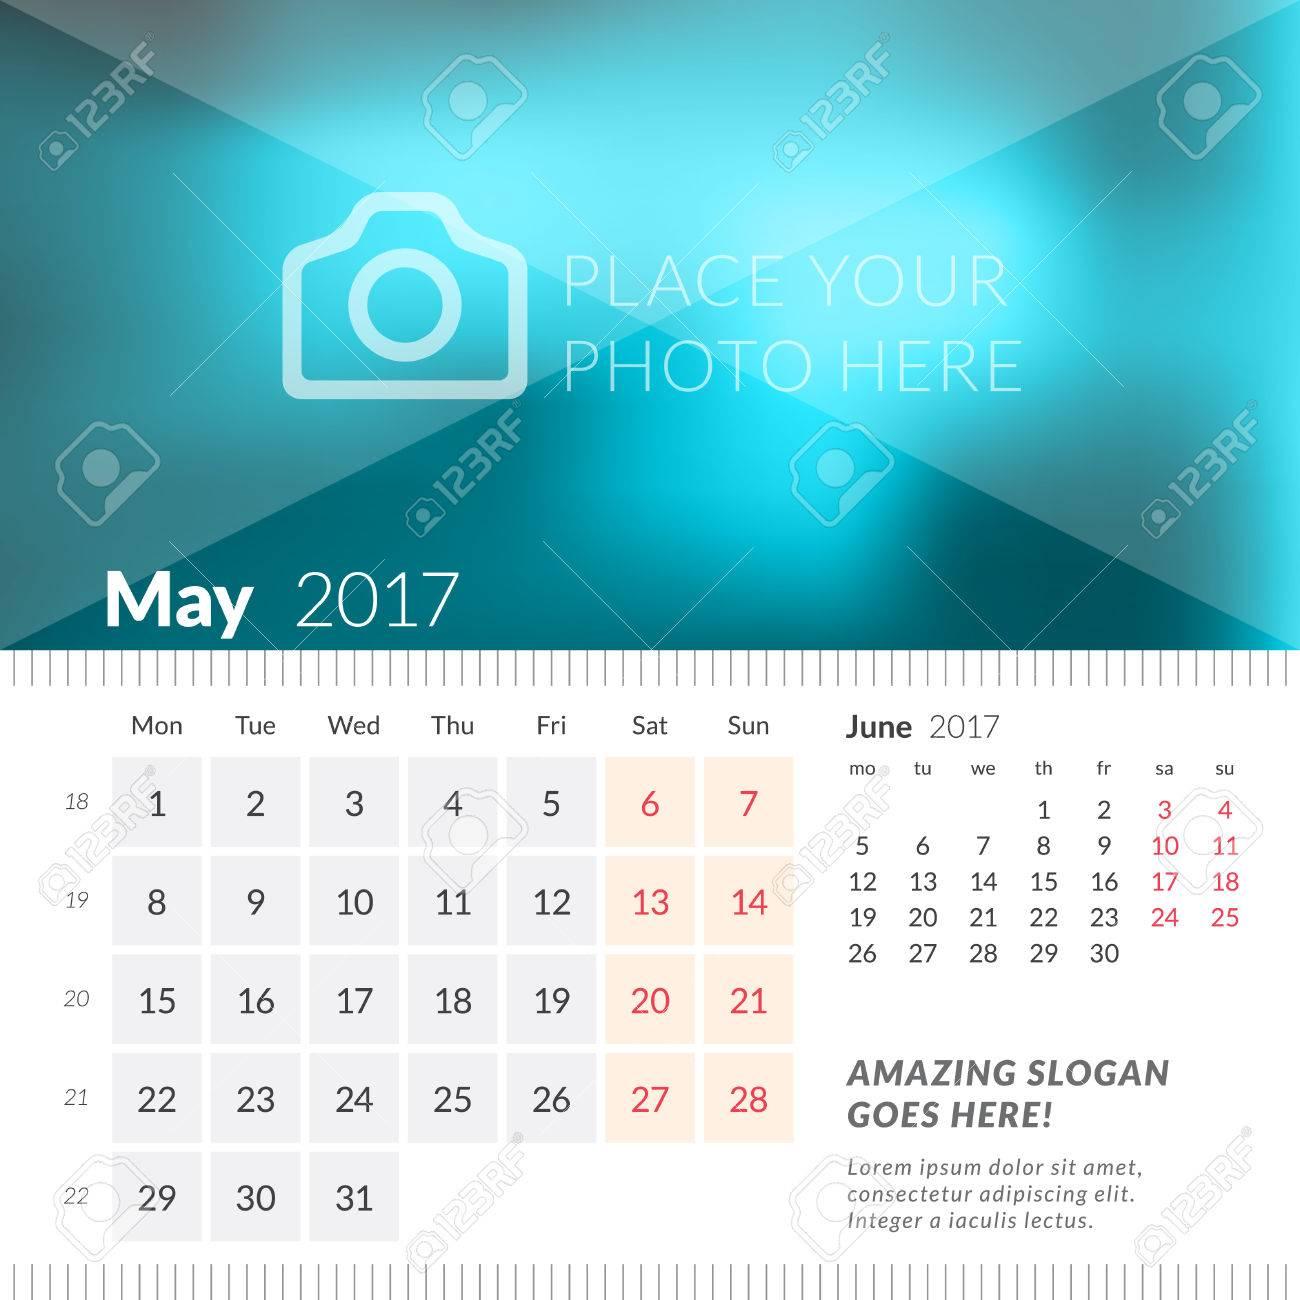 Calendario Anno 2017.Maggio 2017 Calendario Da Tavolo Per L Anno 2017 La Settimana Inizia Lunedi 2 Mesi Sulla Pagina Modello Di Stampa Design Con Posto Per Foto